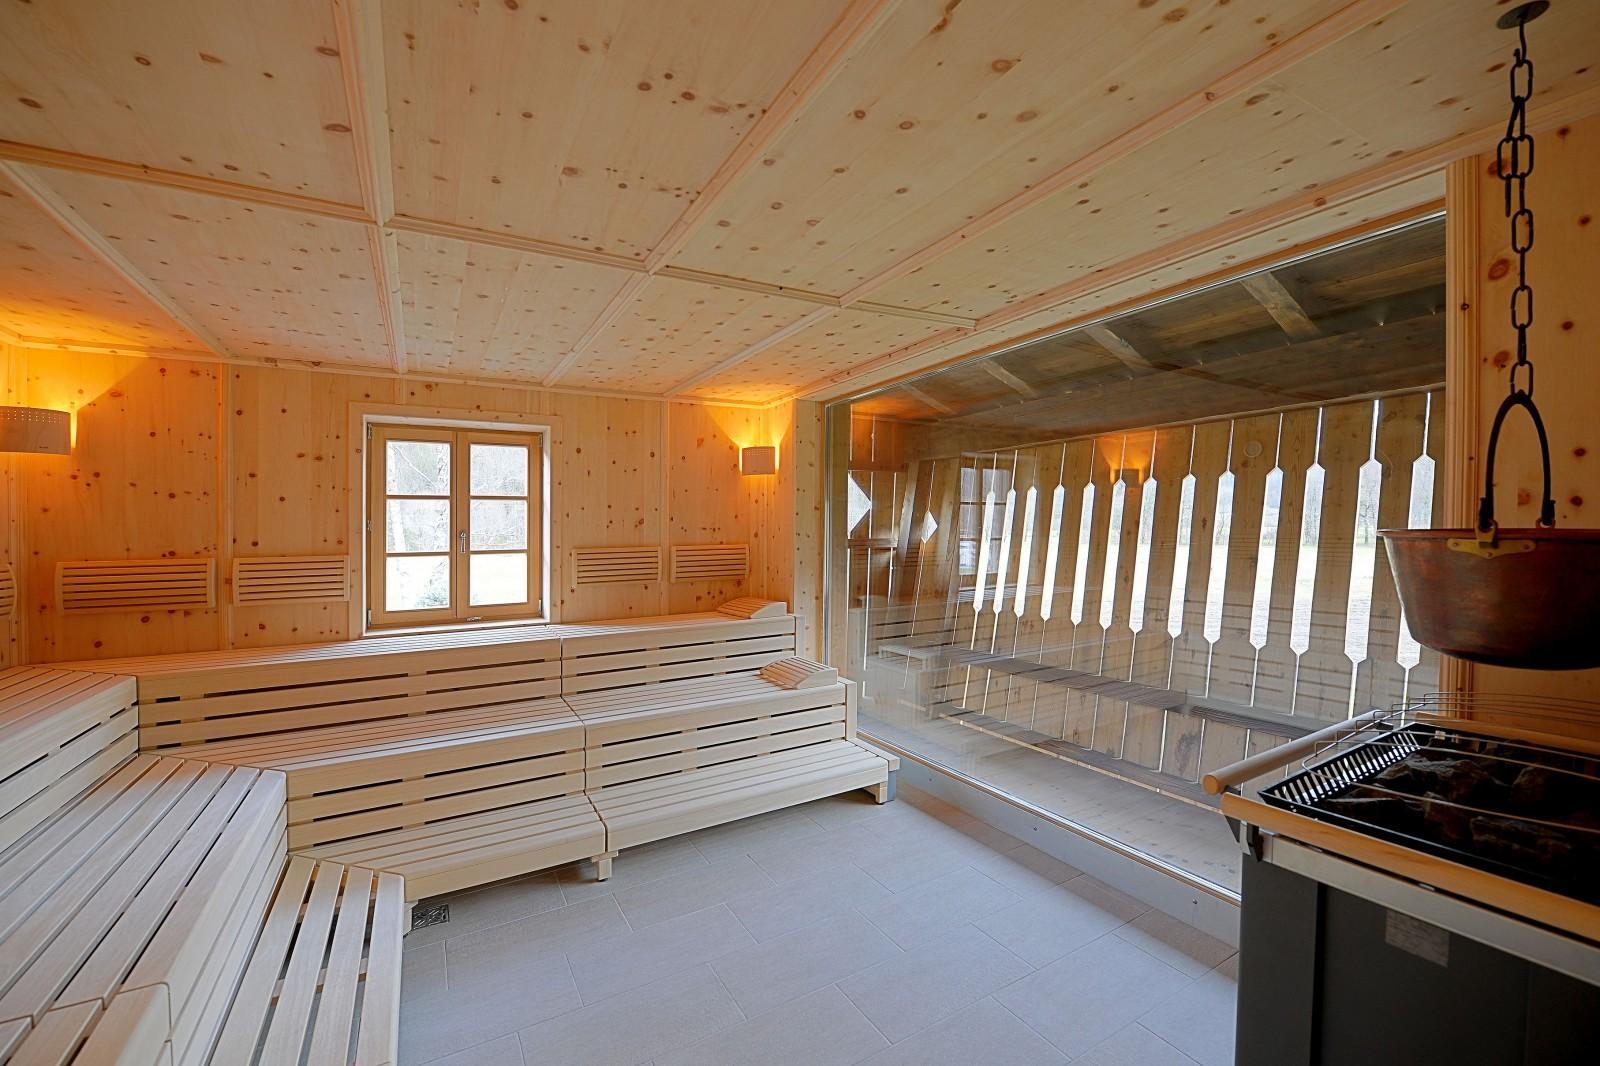 Sauna im großzügigen Wellness-Bereich, der sich auf zwei Etagen erstreckt